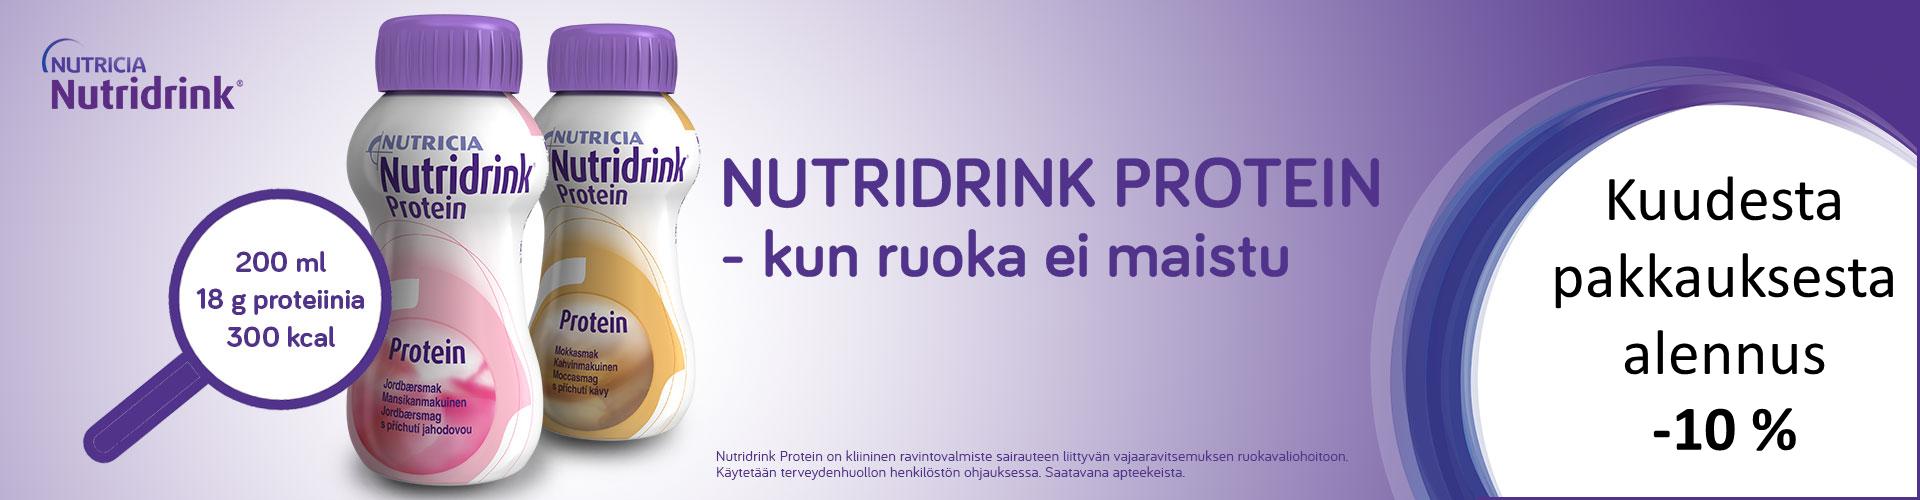 Nutridrink Protein kuusi pakkausta -10 %